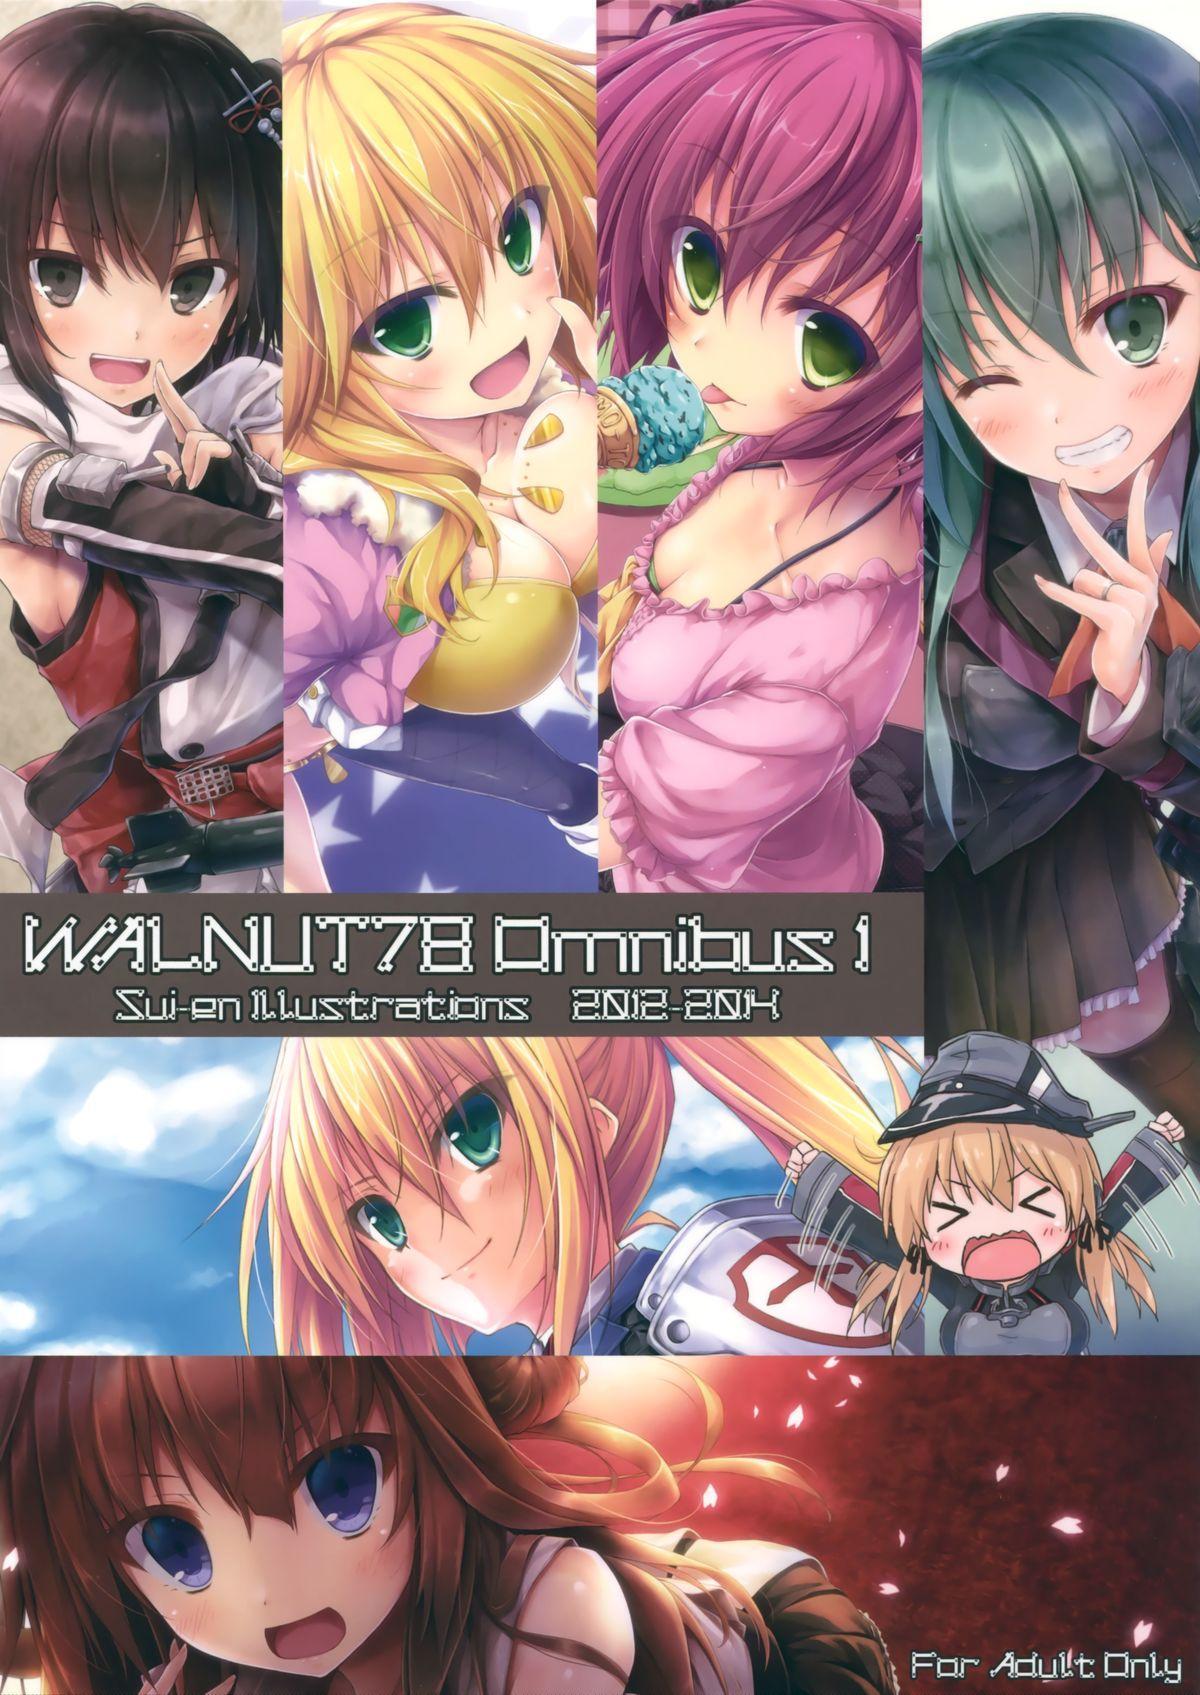 (C89) [Sui-en (Sui-en)] WALNUT78 Omnibus 1 -Suien-en Illustrations 2012-2014- (Various) 0